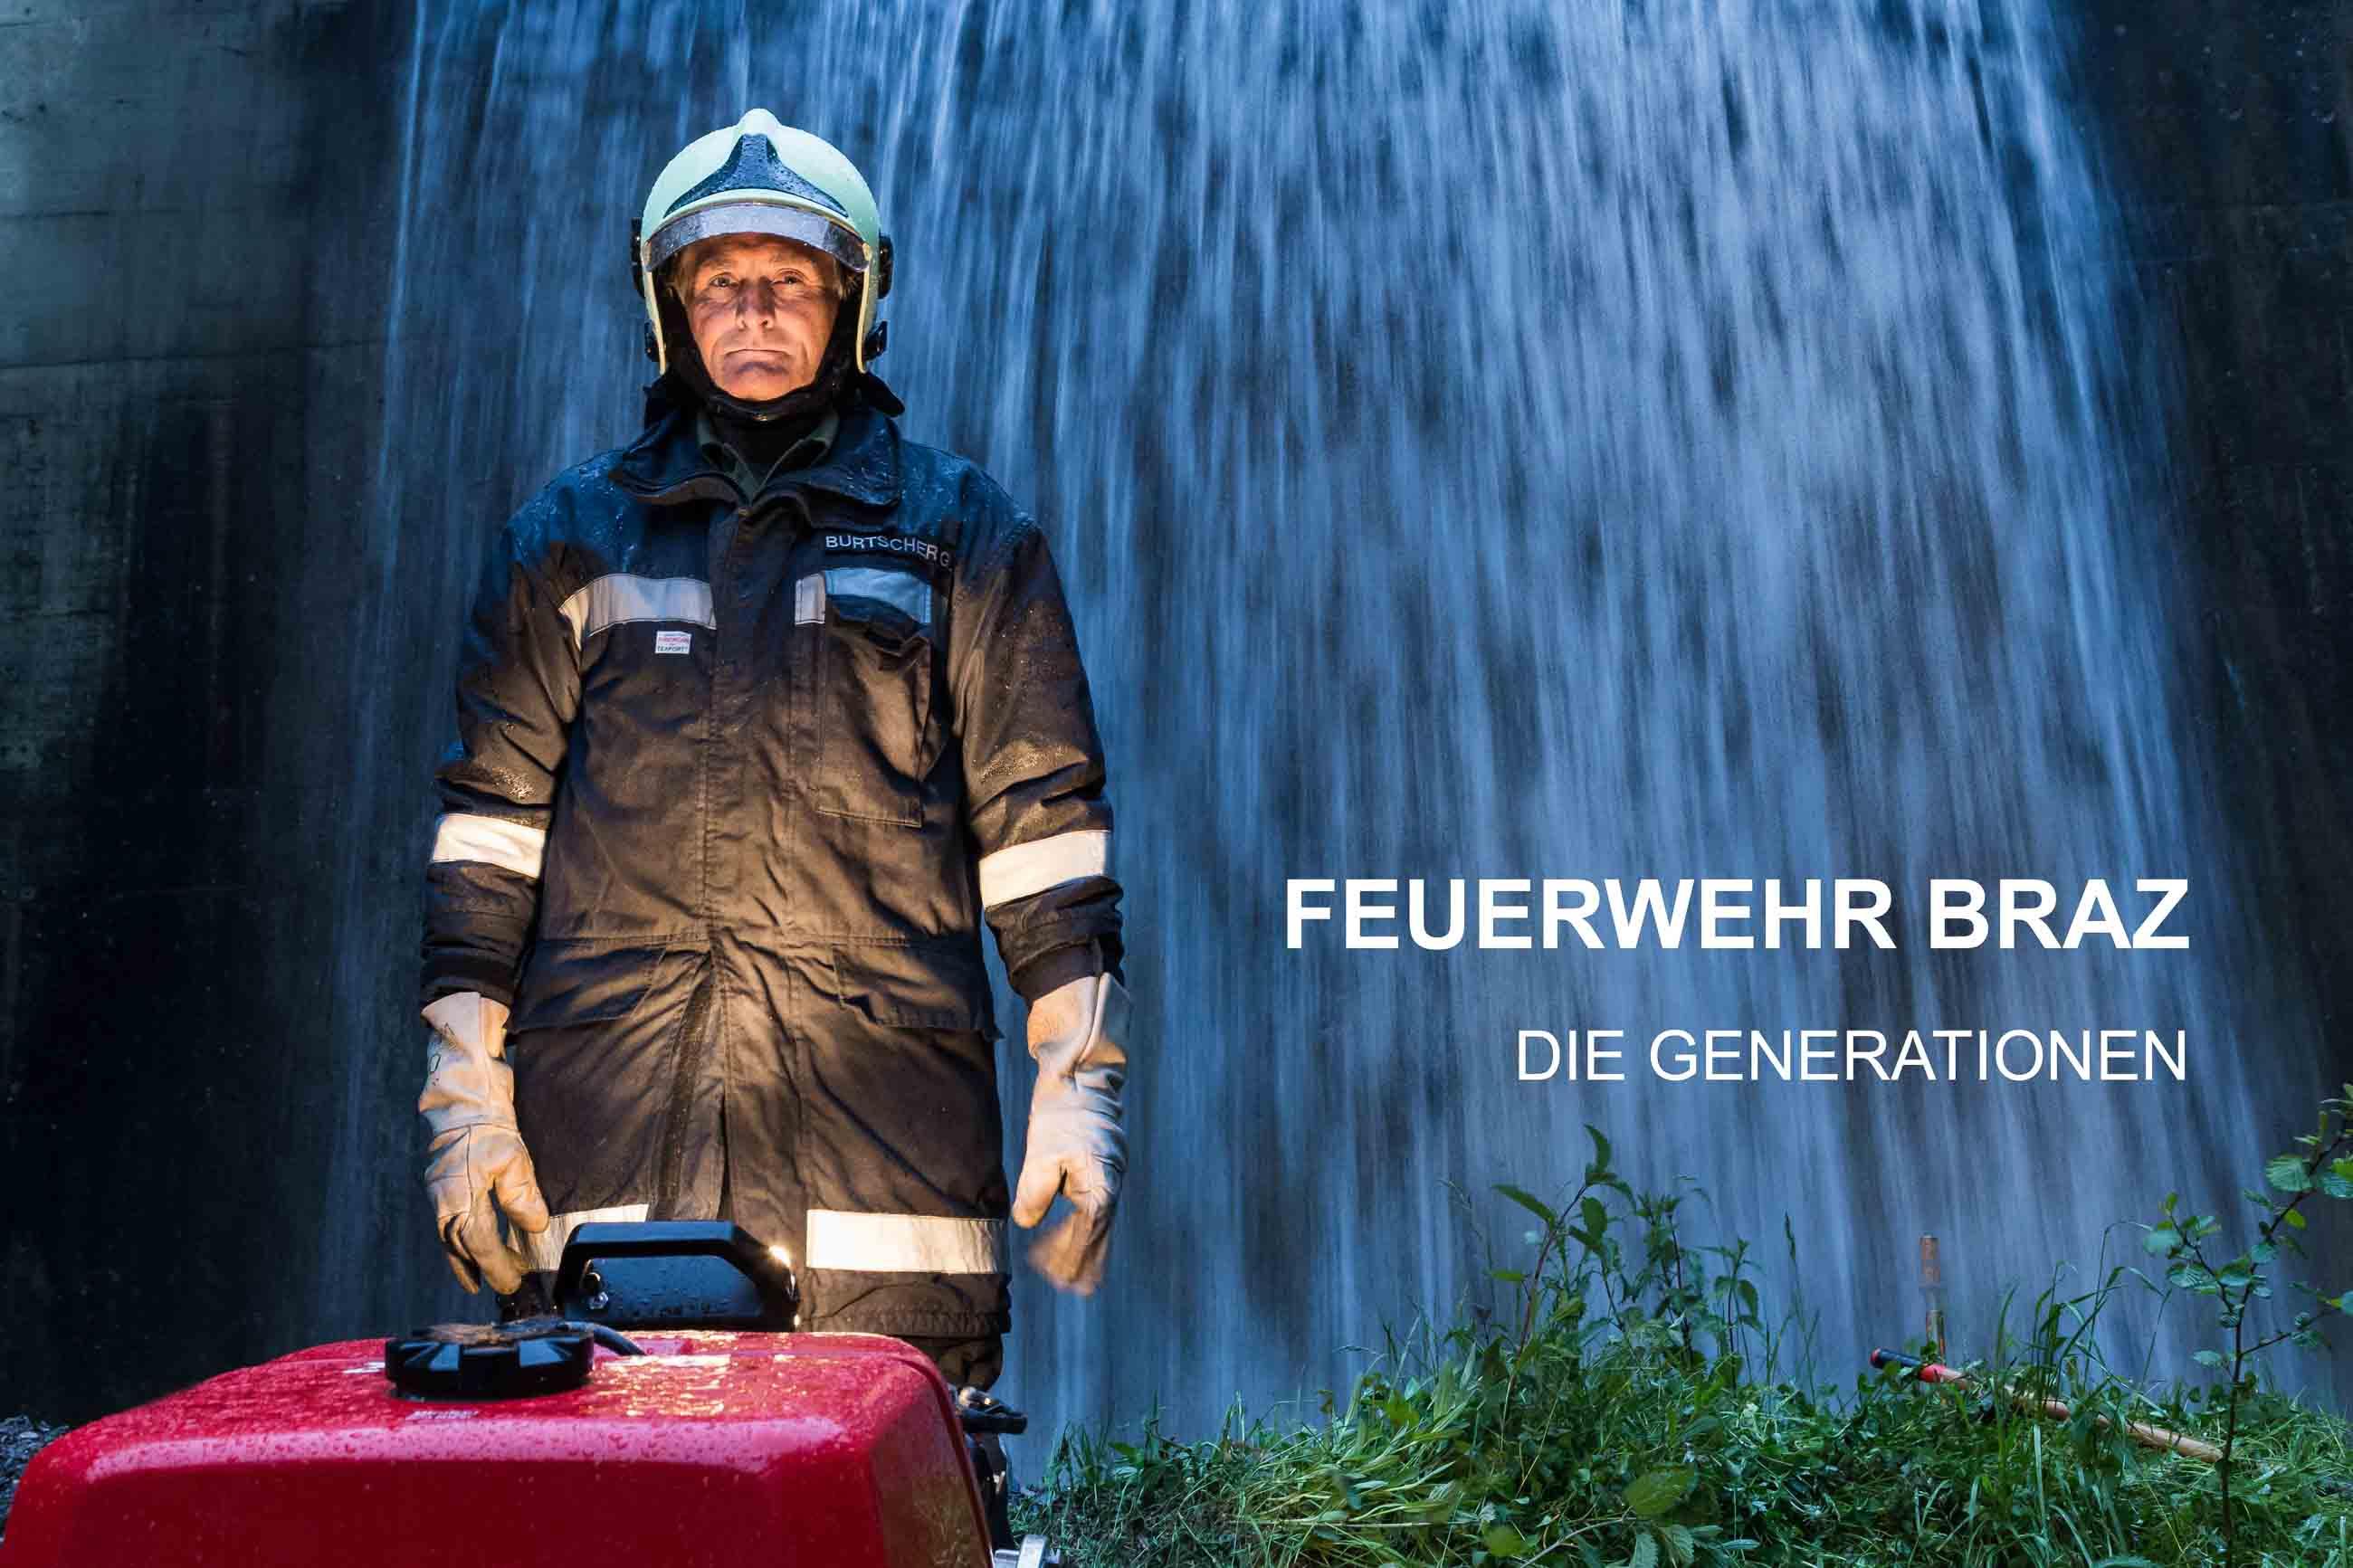 Feuerwehr Braz